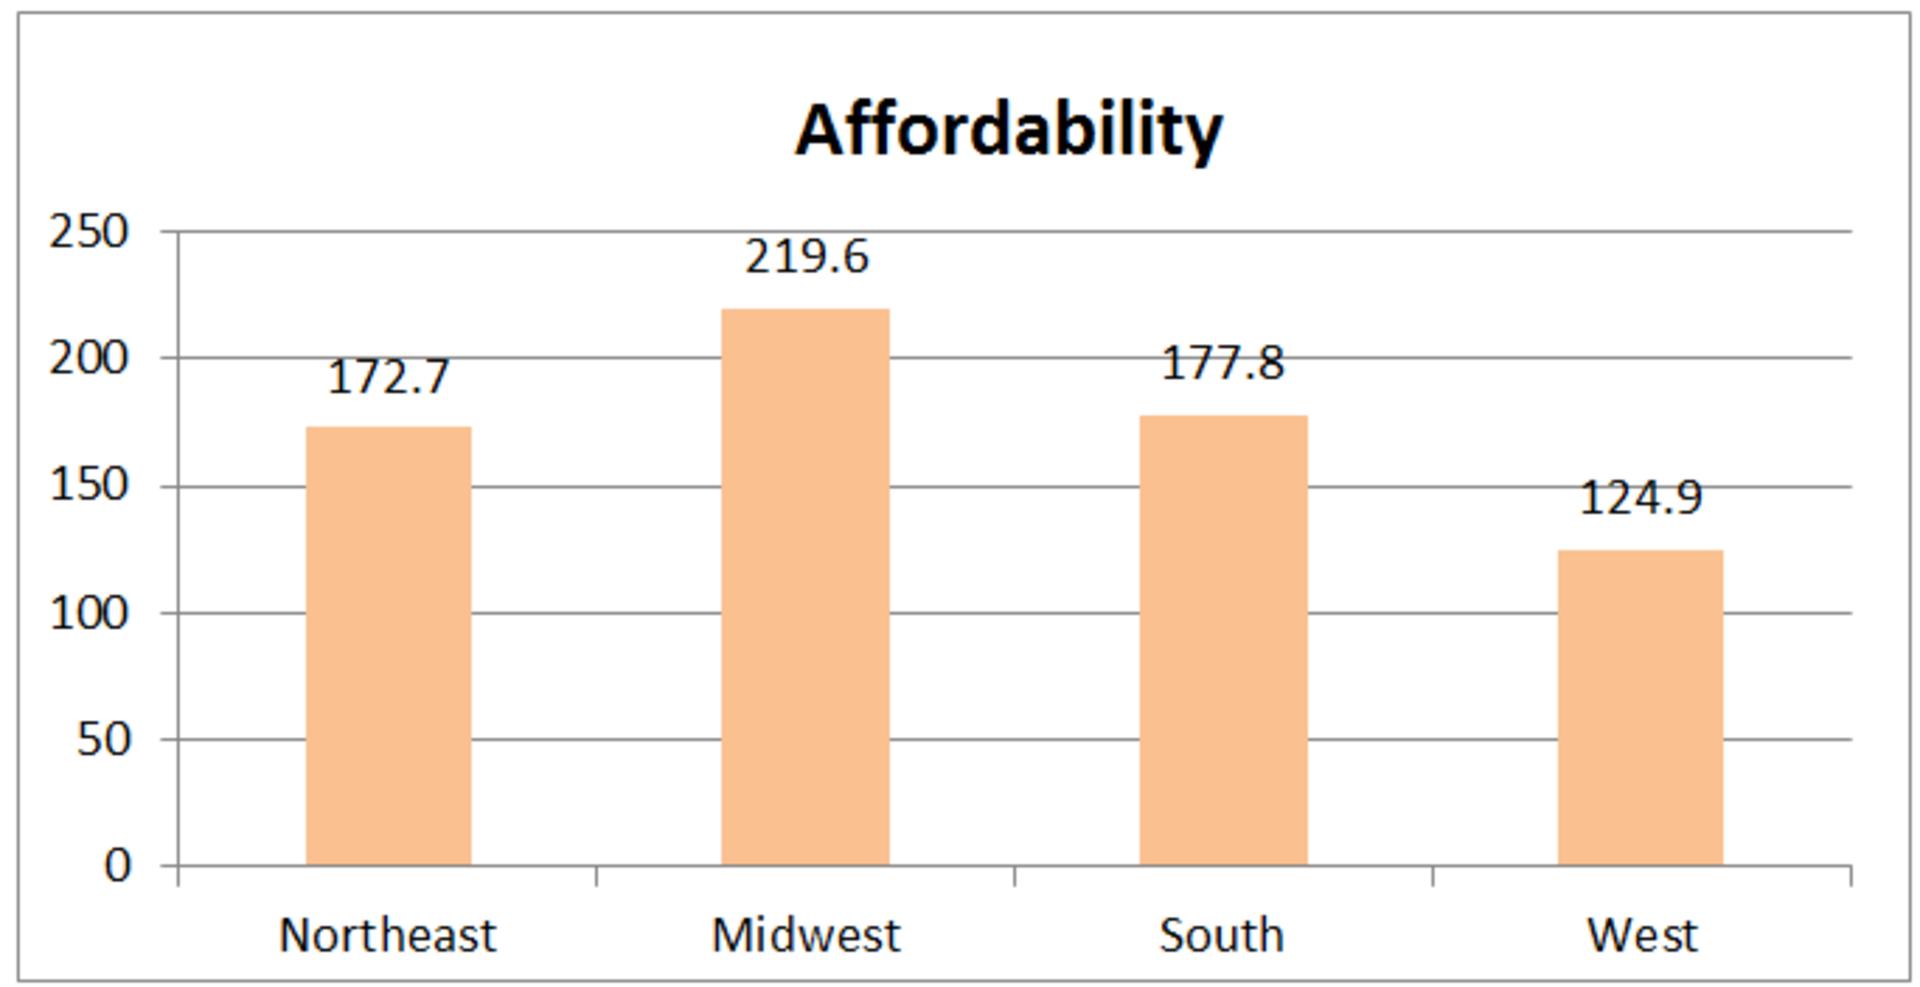 January 2016 Housing Affordability Index